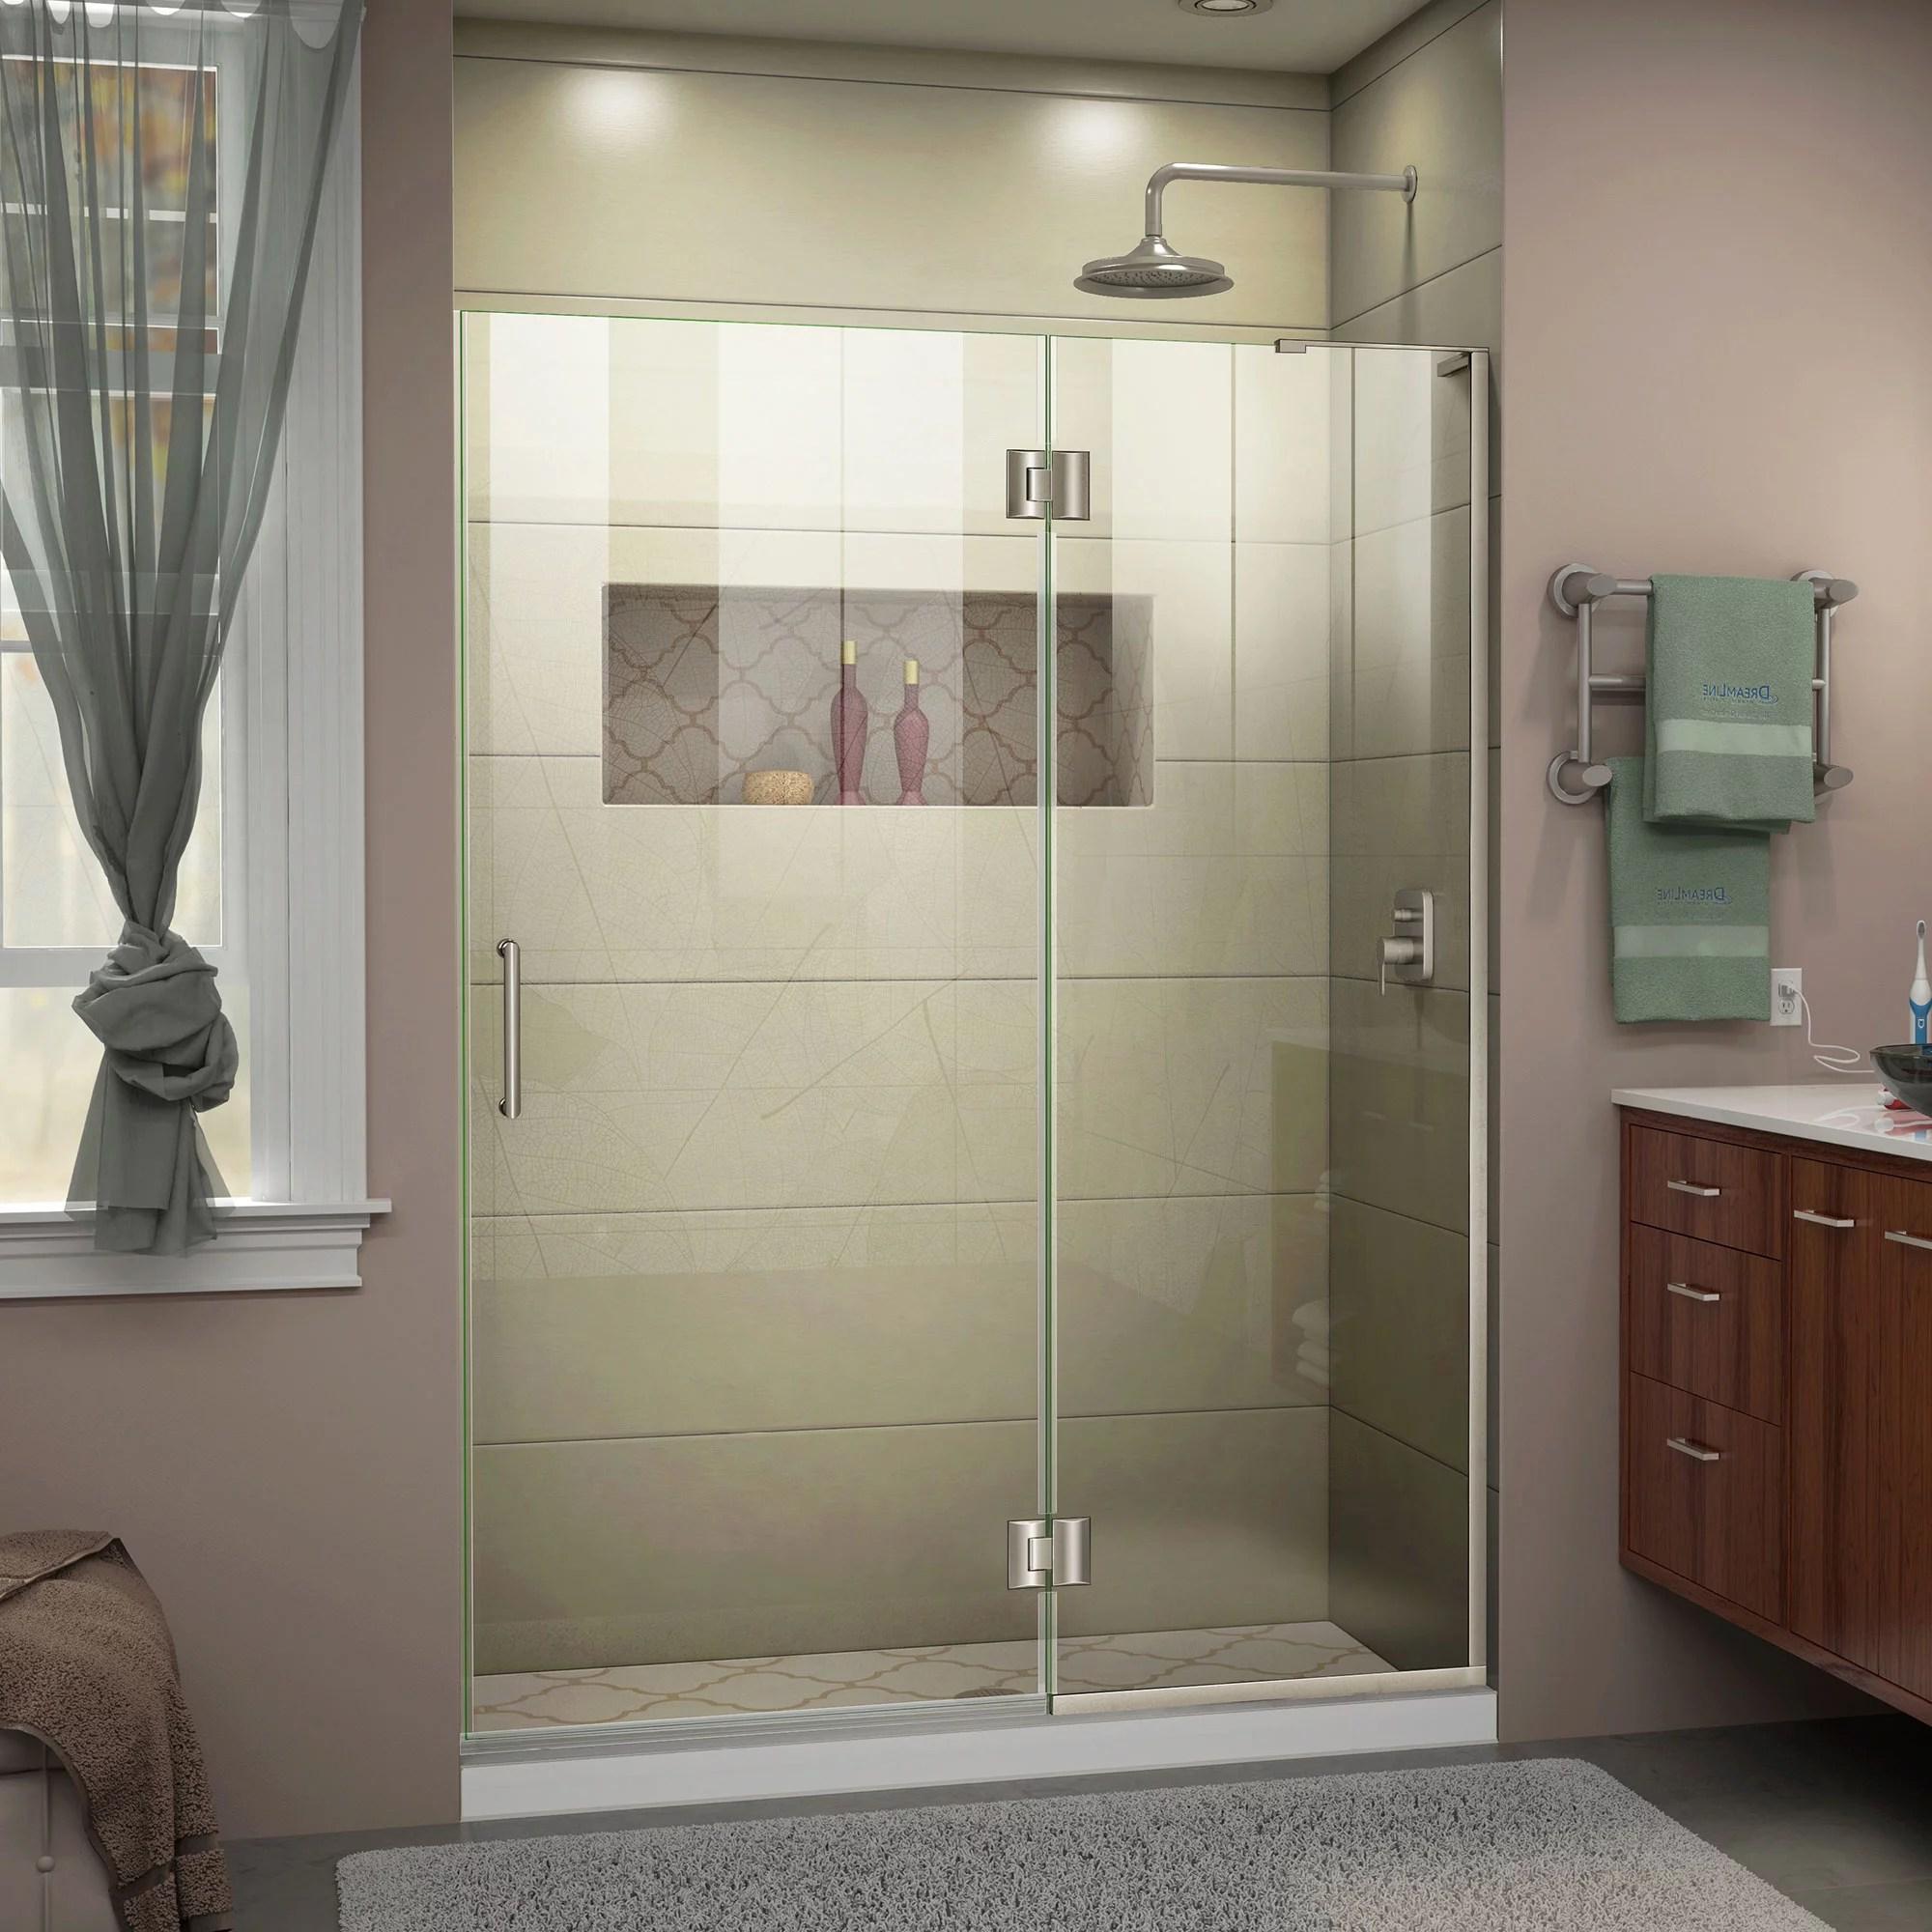 Dreamline Unidoor X 48 In W X 72 In H Frameless Hinged Shower Door In Brushed Nickel